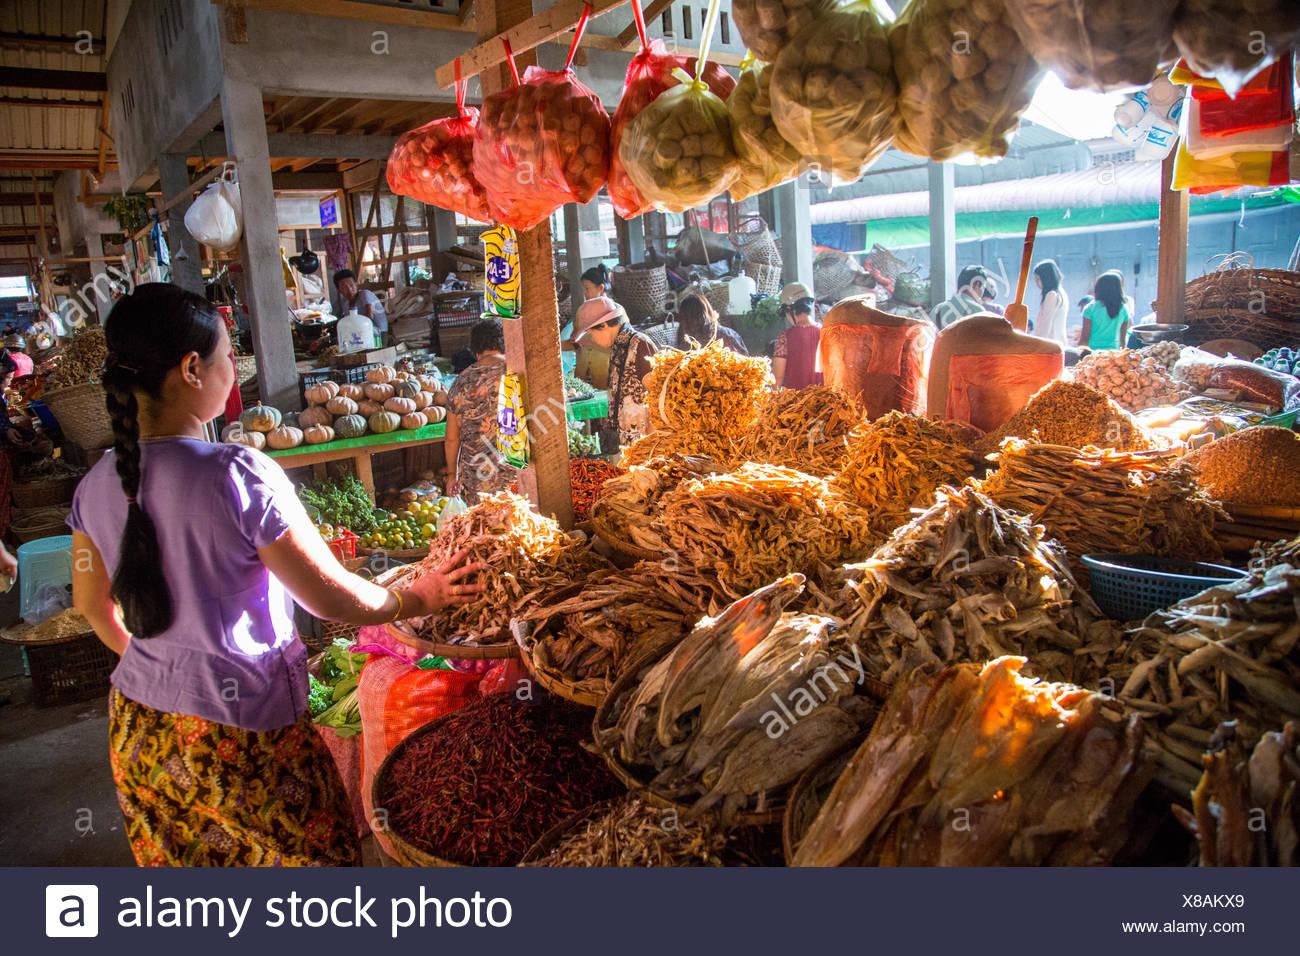 Eine Frau steht neben einem Anbieter Stall mit getrockneten Lebensmitteln gefüllt. Stockbild